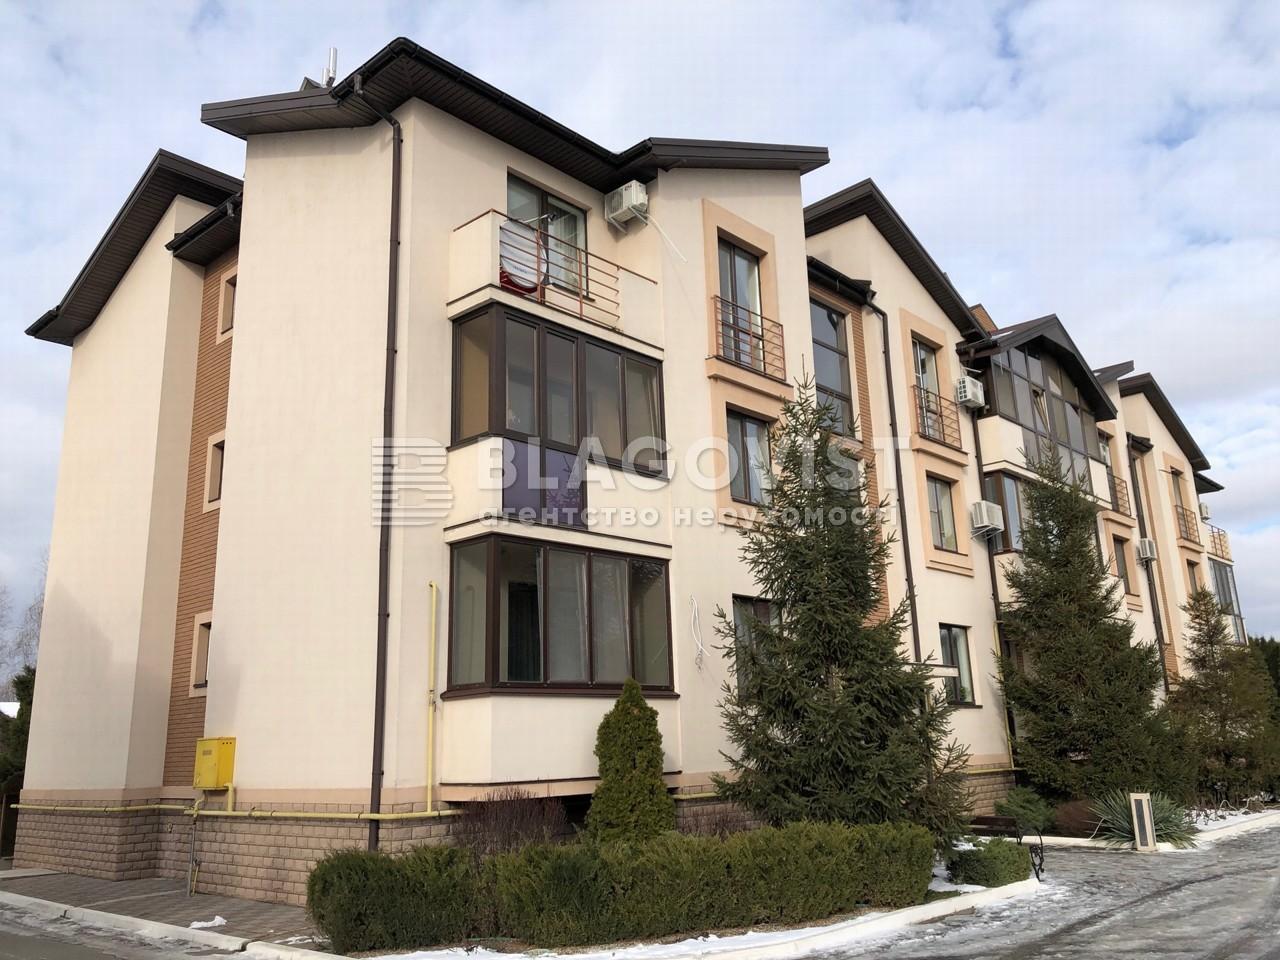 Квартира F-44513, Набережная, 11, Вишенки - Фото 2